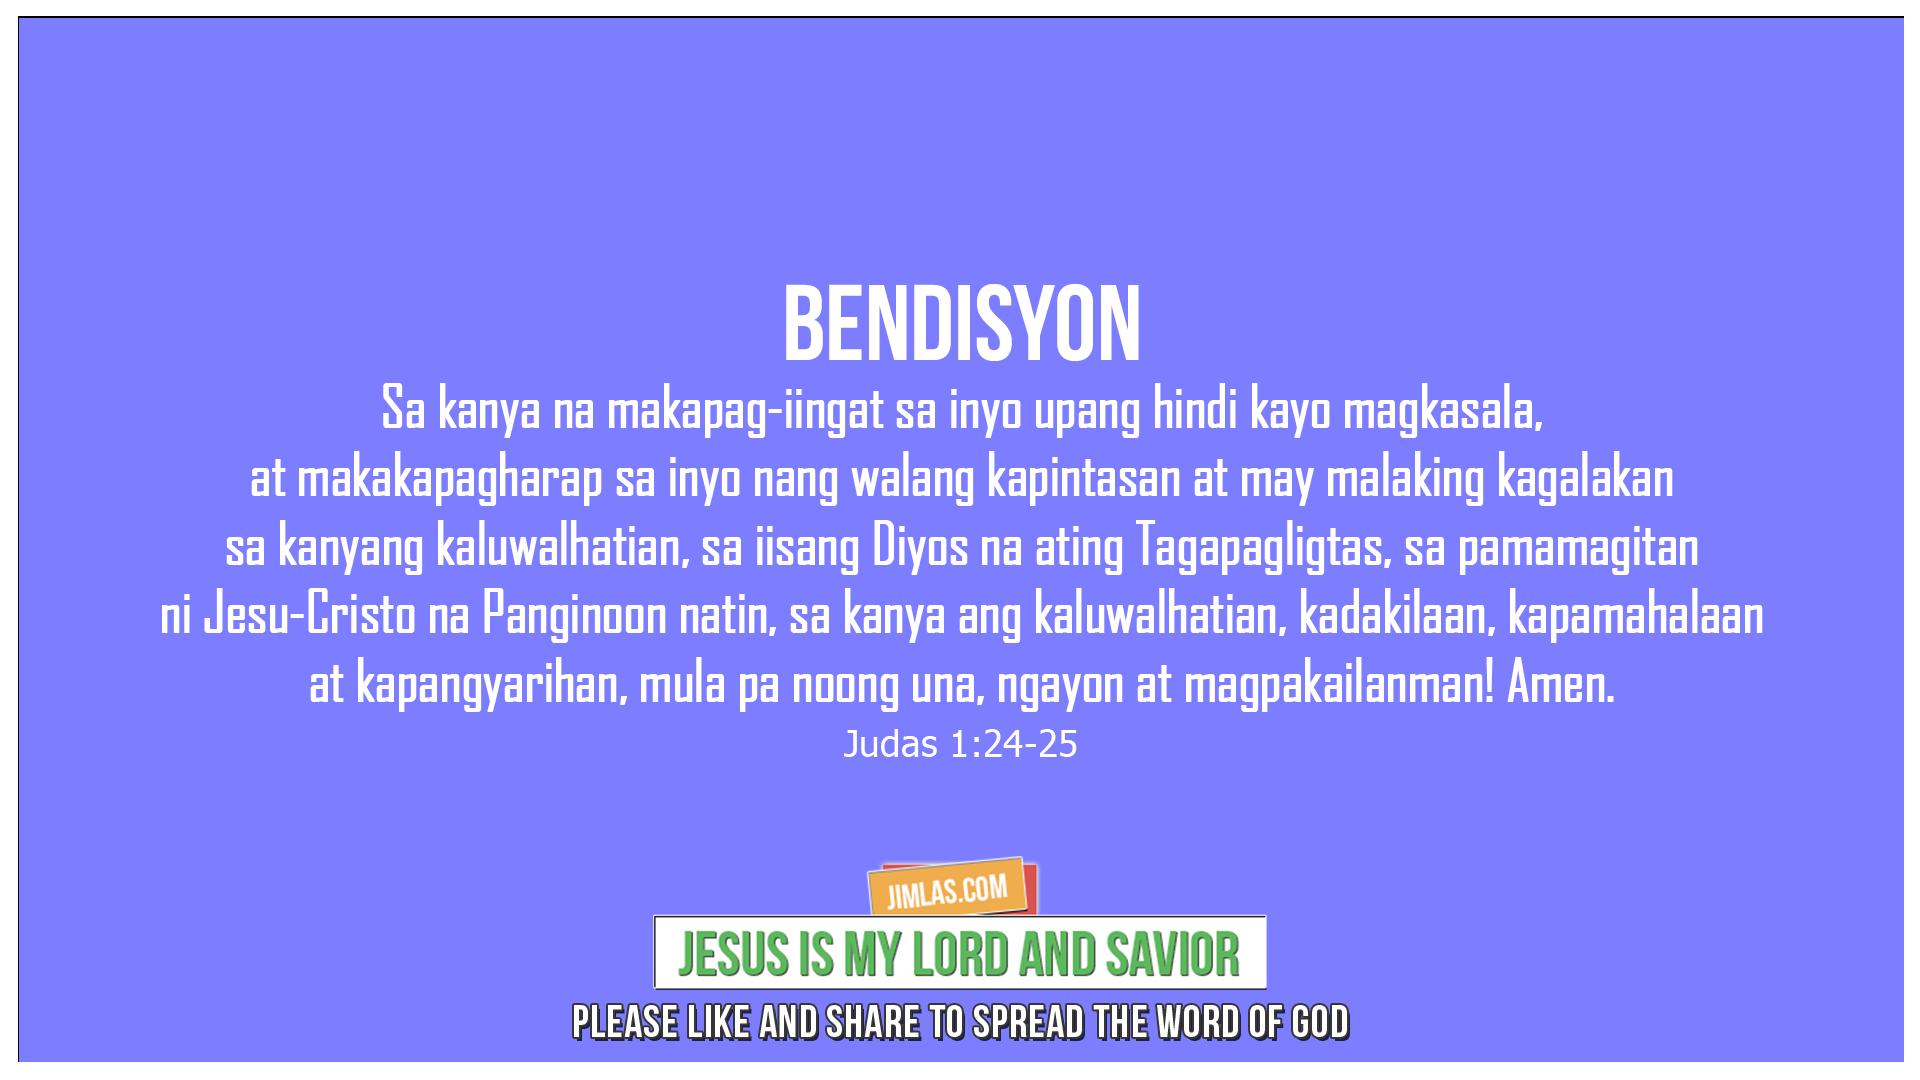 Judas 1:24-25, Judas 1:24-25